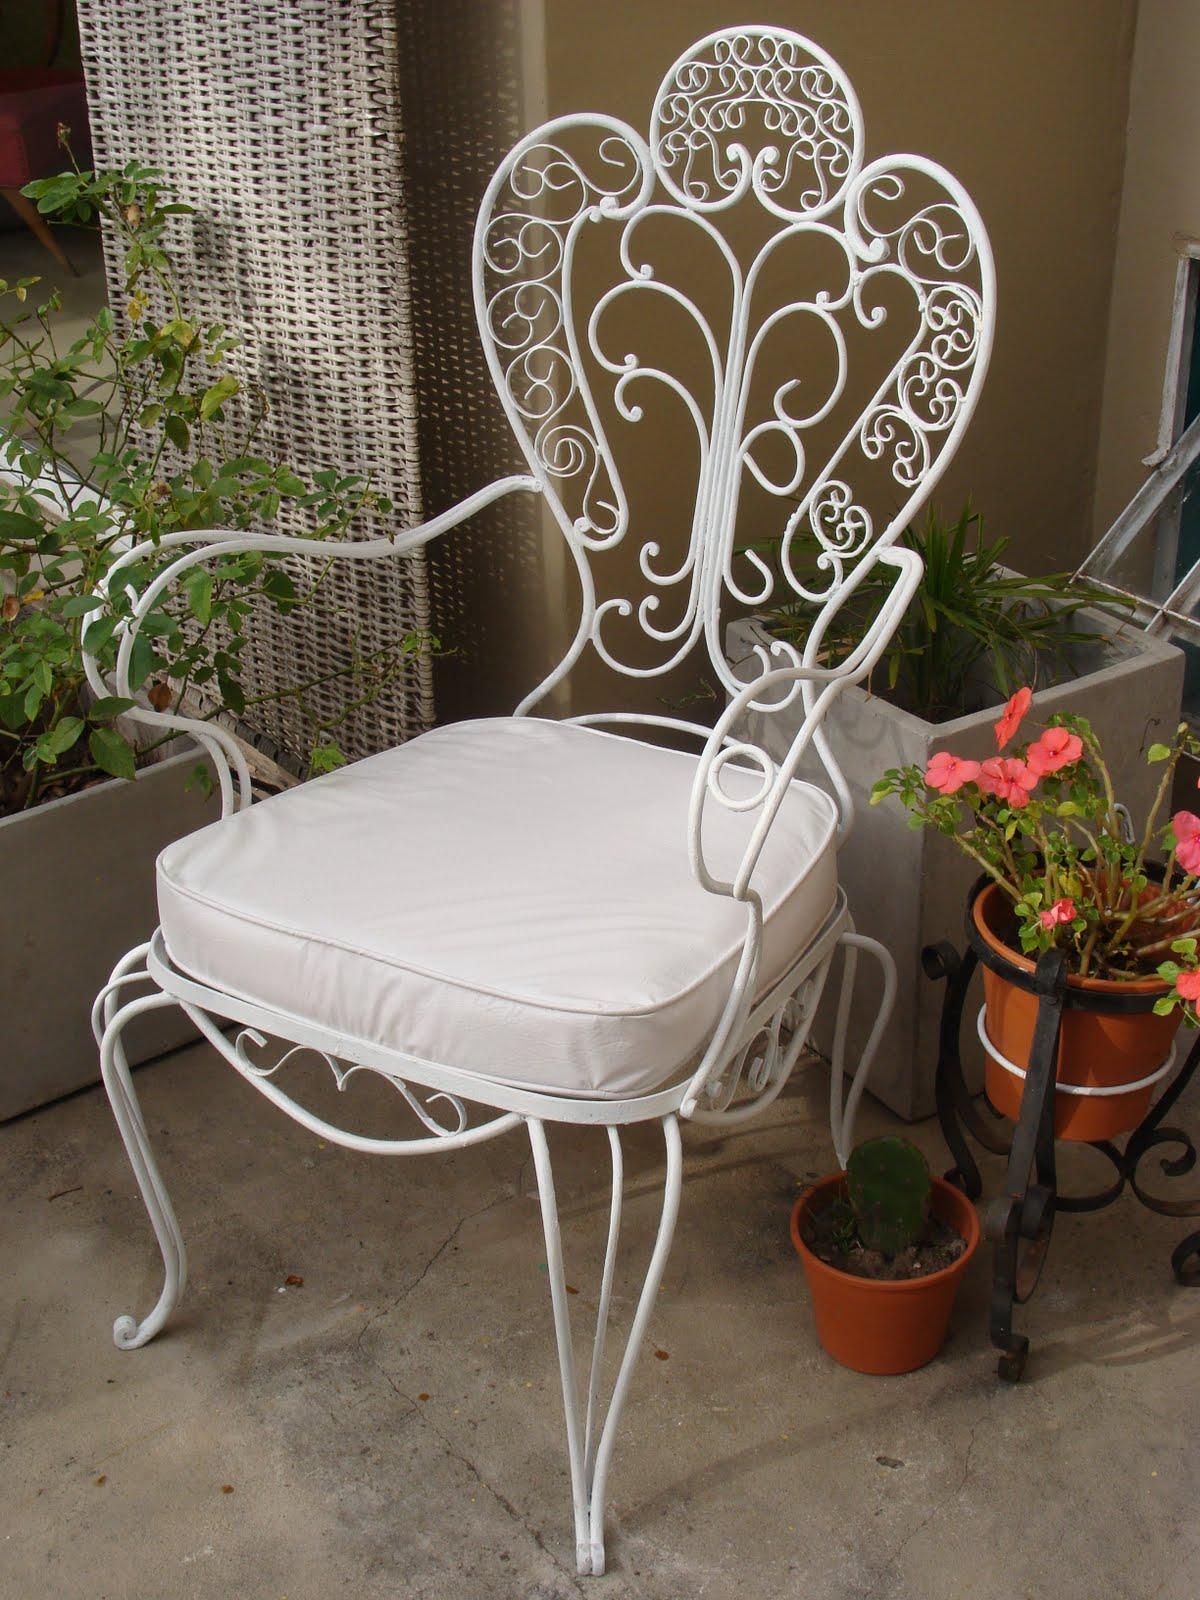 Sillones en hierro forjado deco marce tienda for Almohadones para sillones de jardin